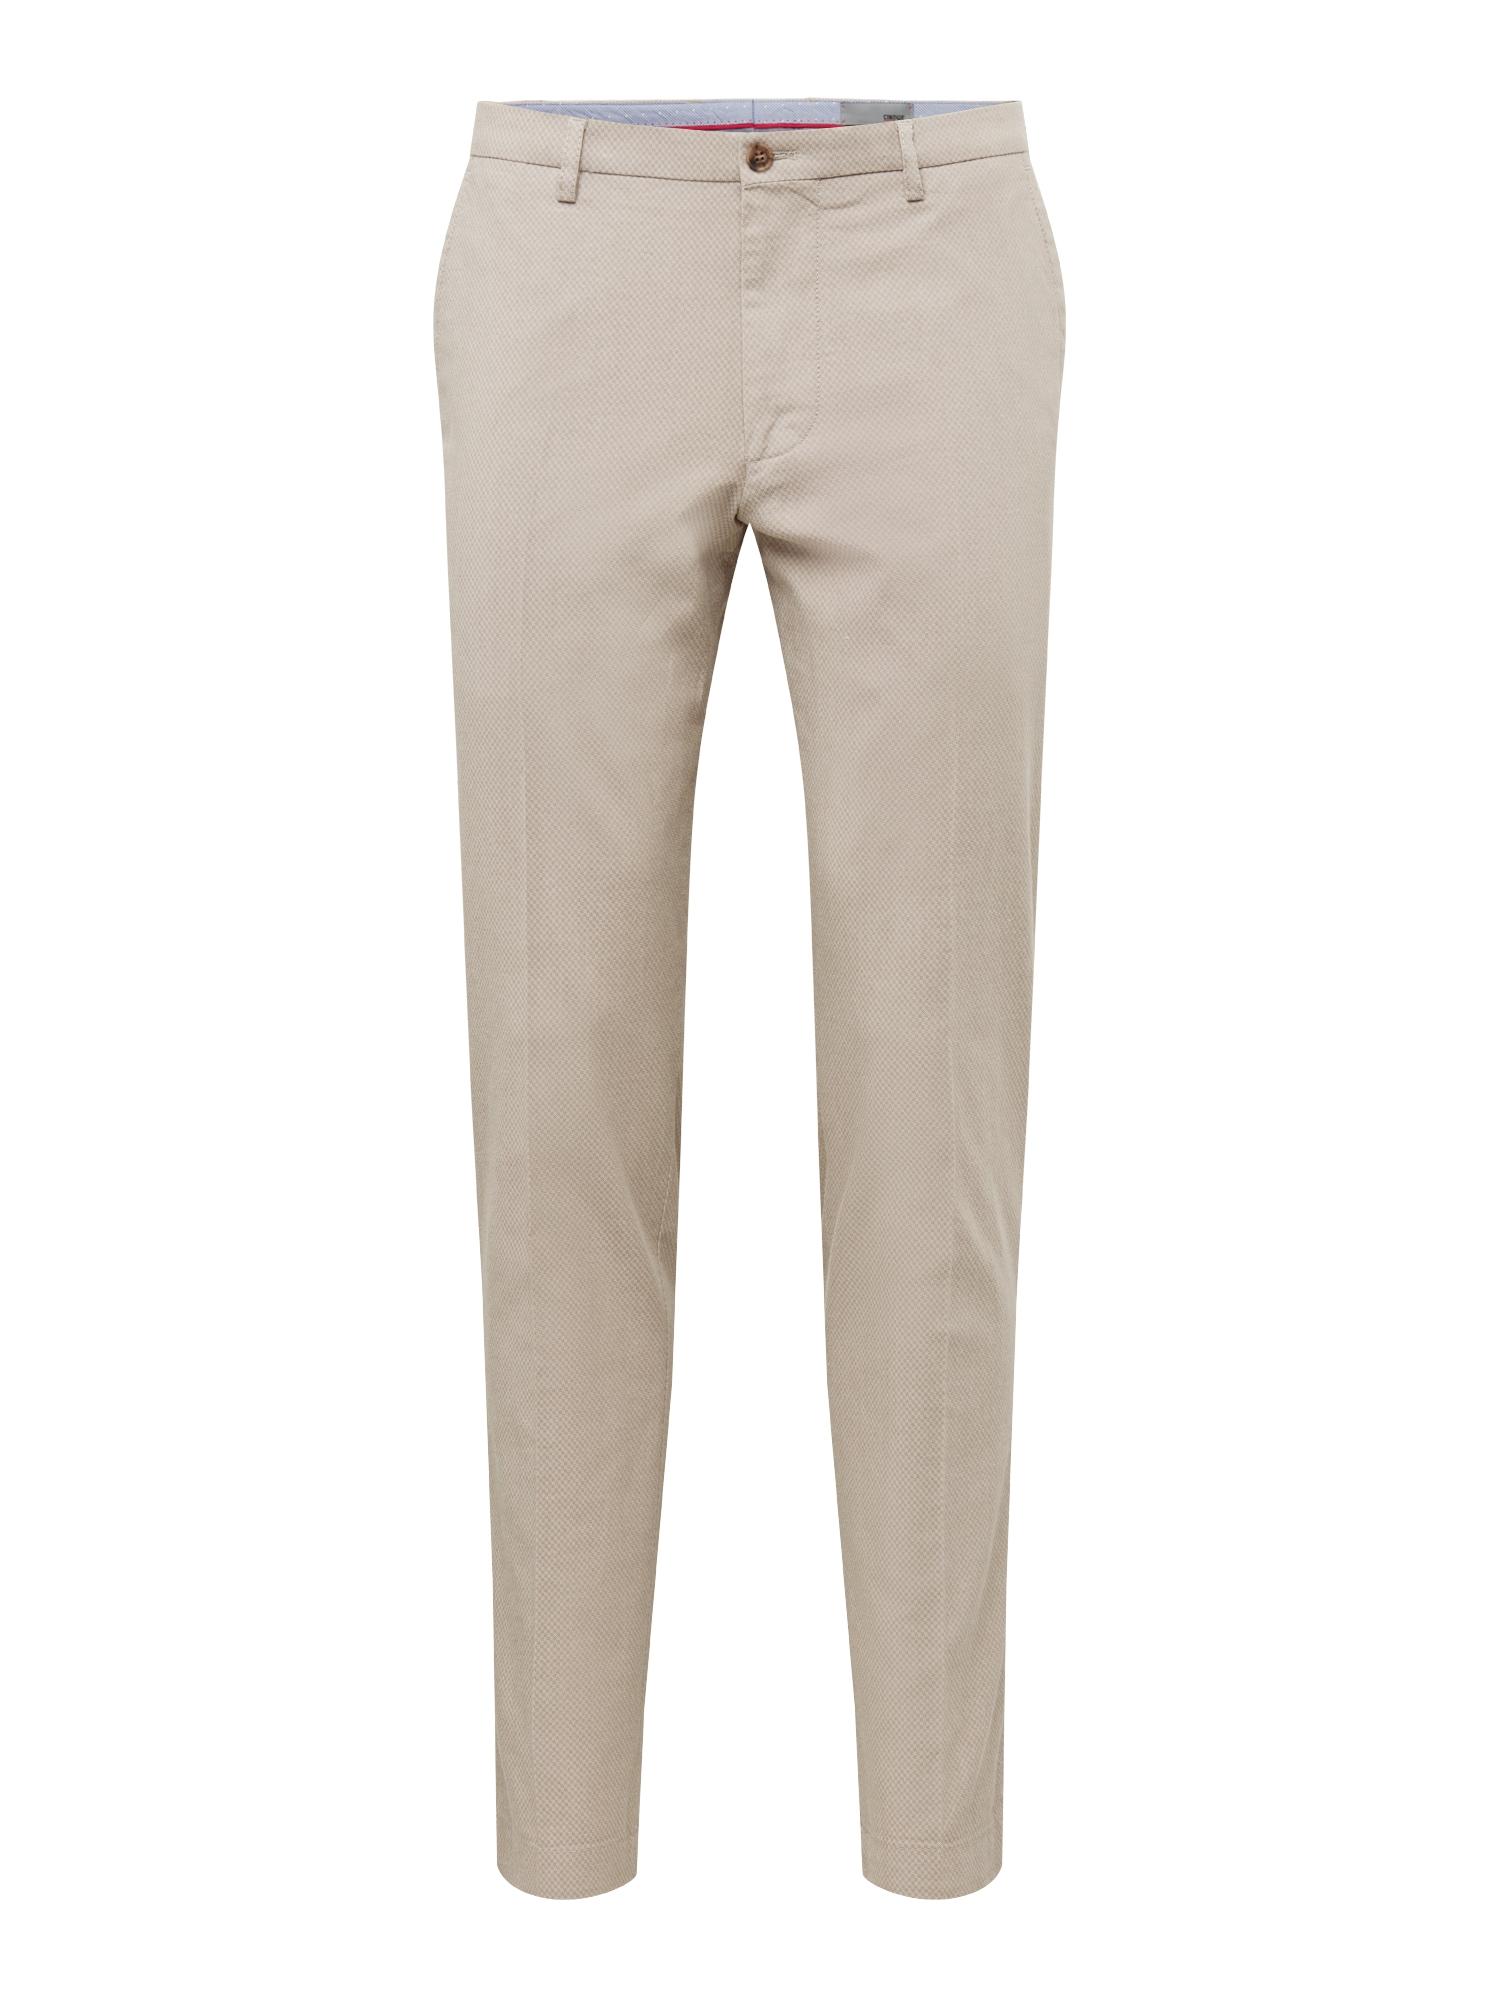 Kalhoty s puky BRODY béžová CINQUE